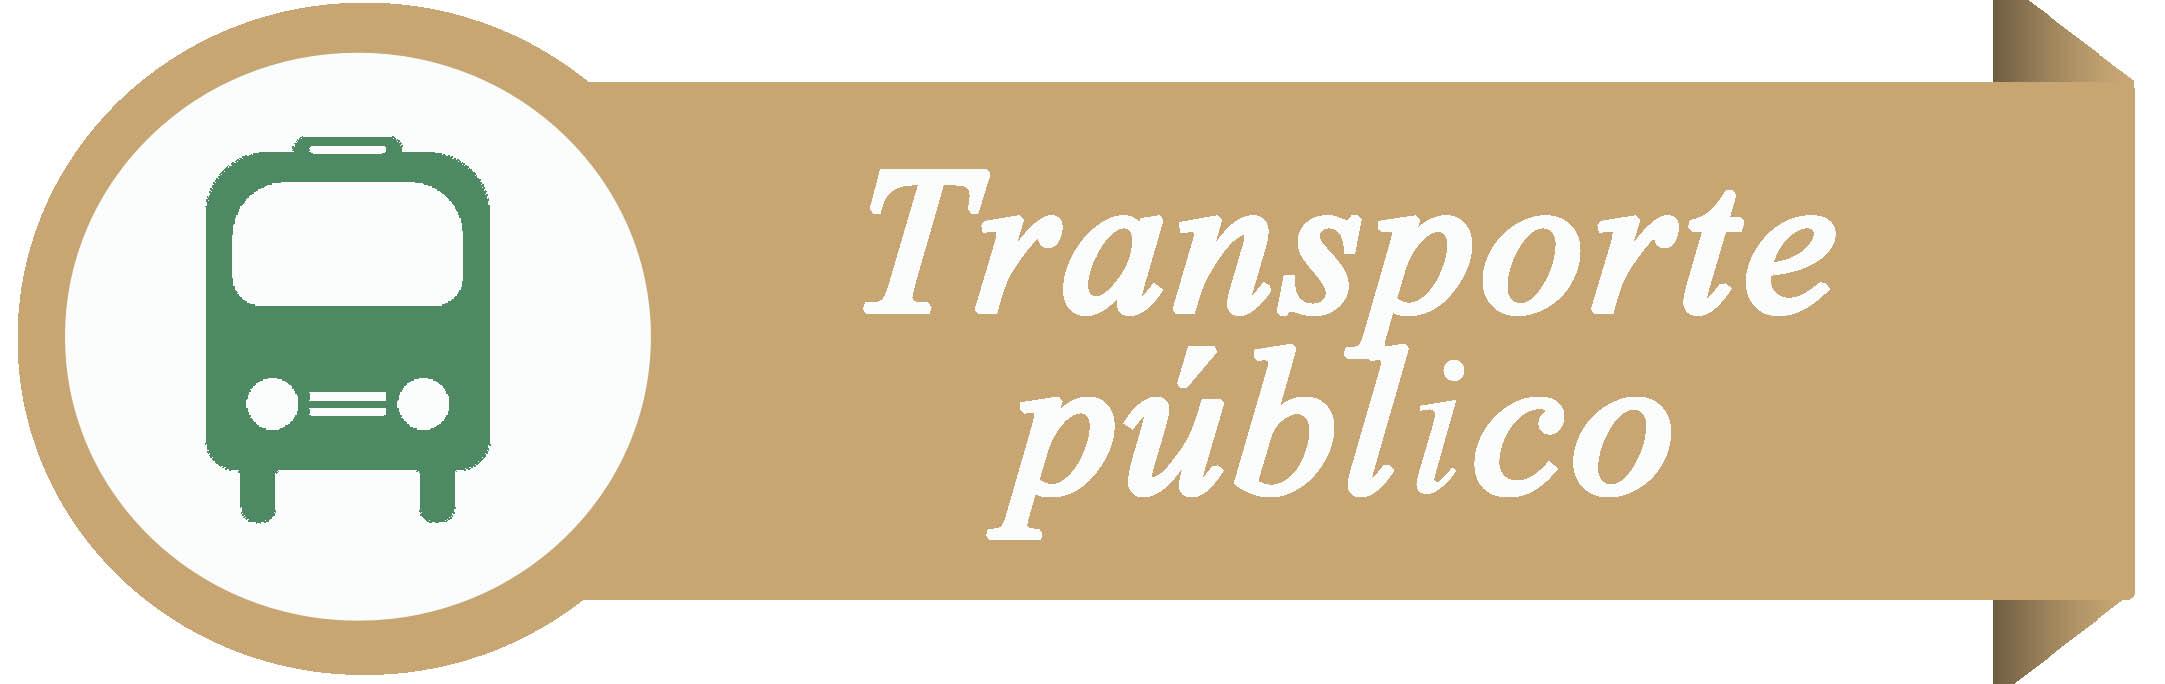 Servicio Transporte Público  1